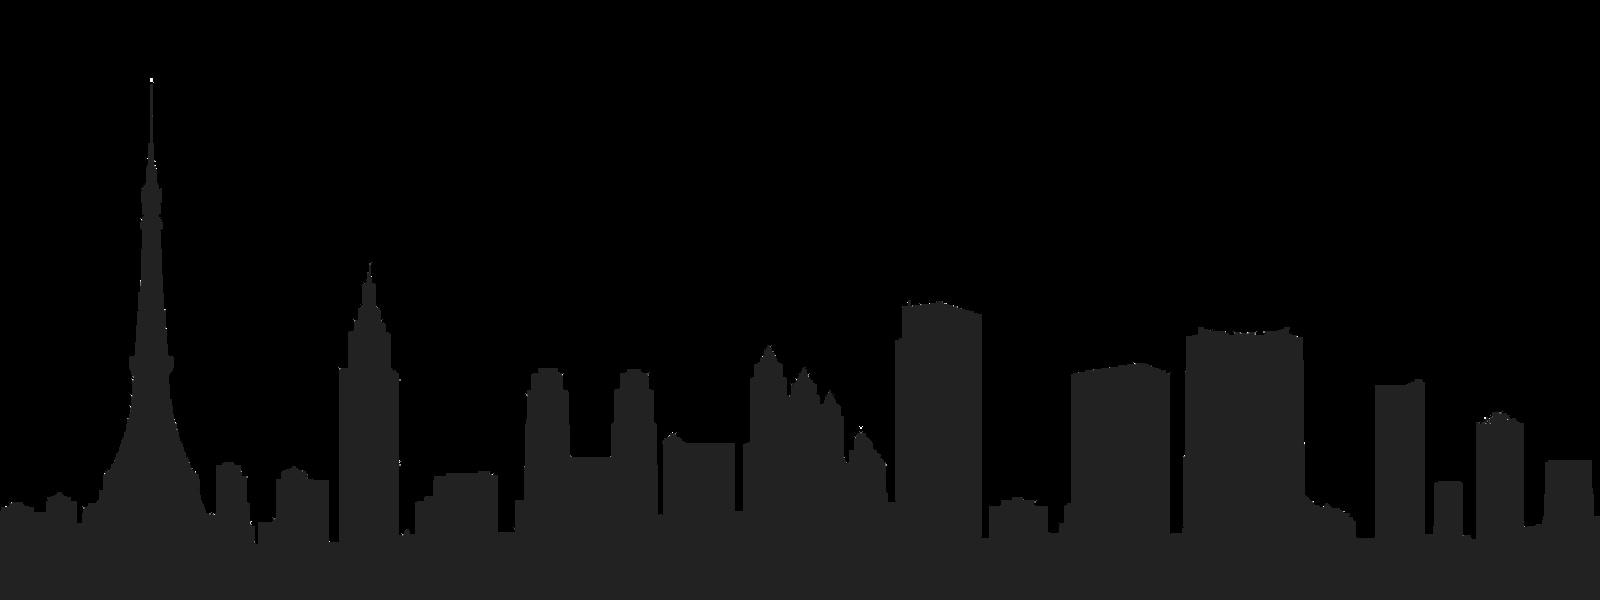 skyline clipart building dubai